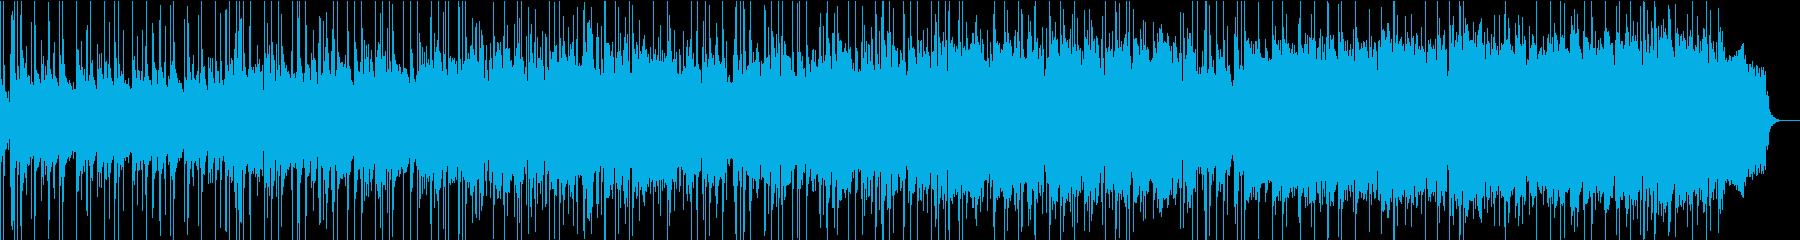 英詞ウォールオブサウンド・ミュージカル風の再生済みの波形